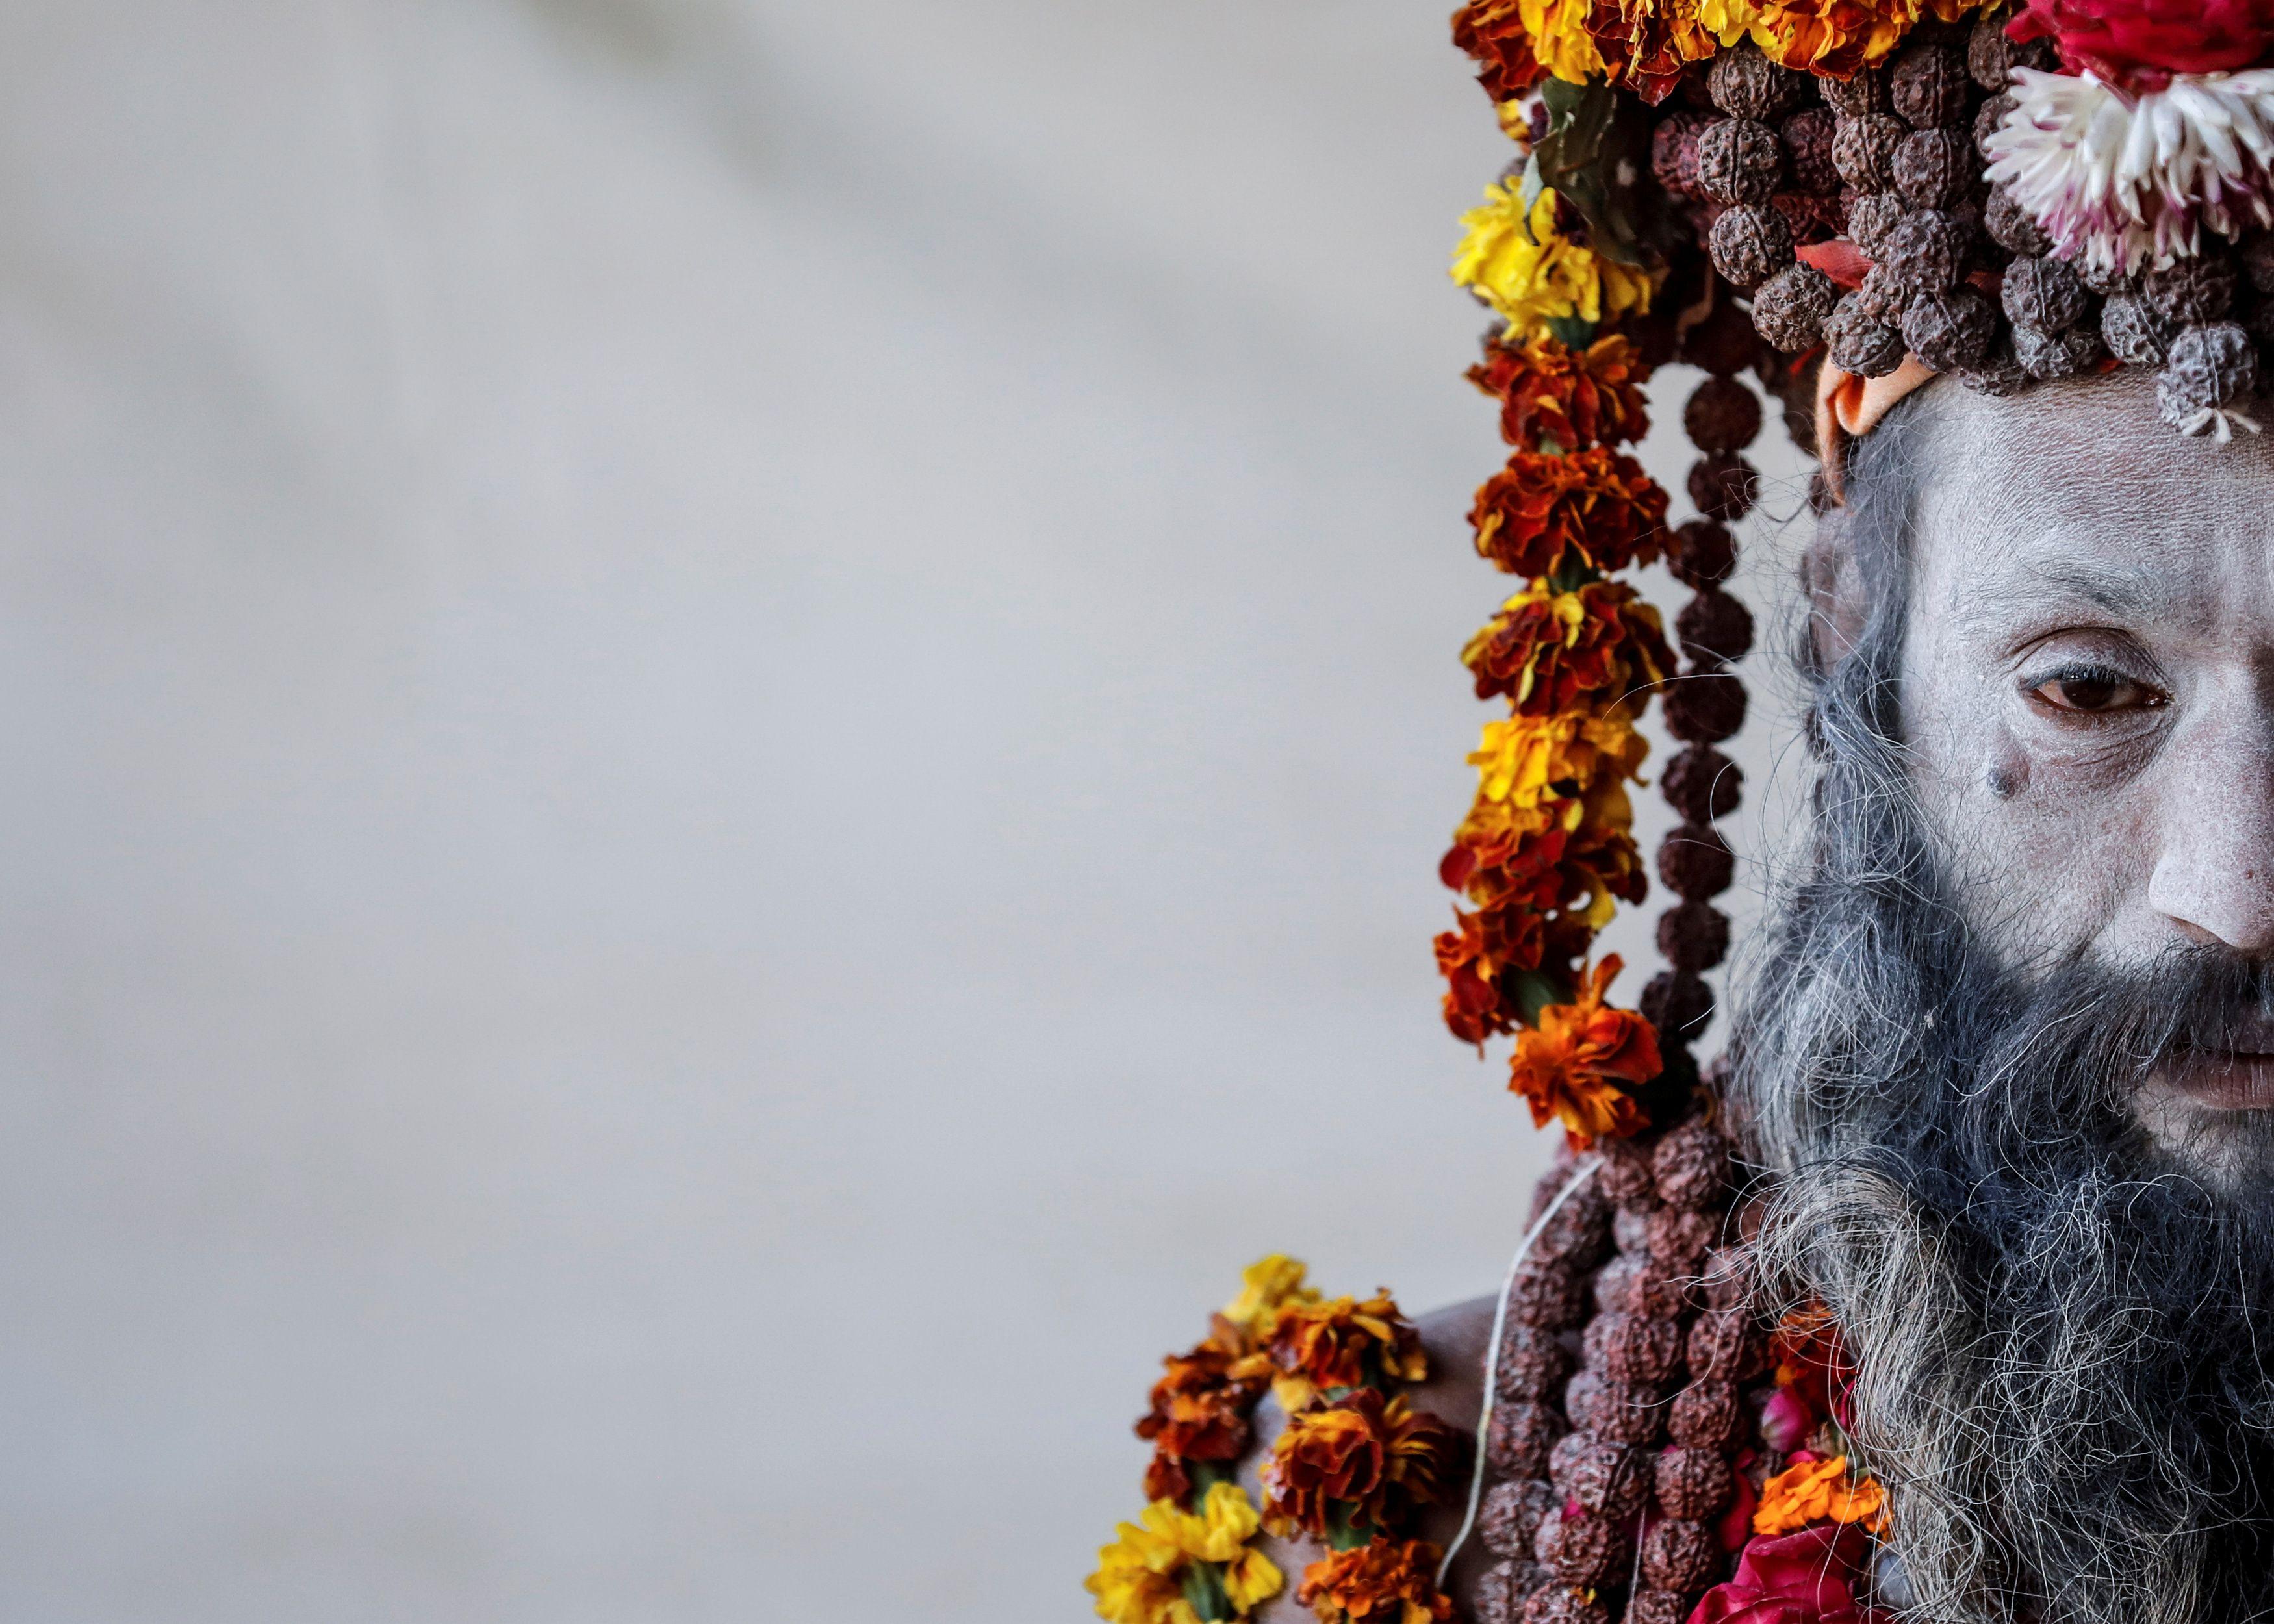 """Un Naga Sadhu u hombre santo hindú espera a los devotos dentro de su campamento durante el """"Kumbh Mela"""" o el Festival de la Jarra, en Prayagraj, anteriormente conocido como Allahabad, India 17 de enero de 2019."""